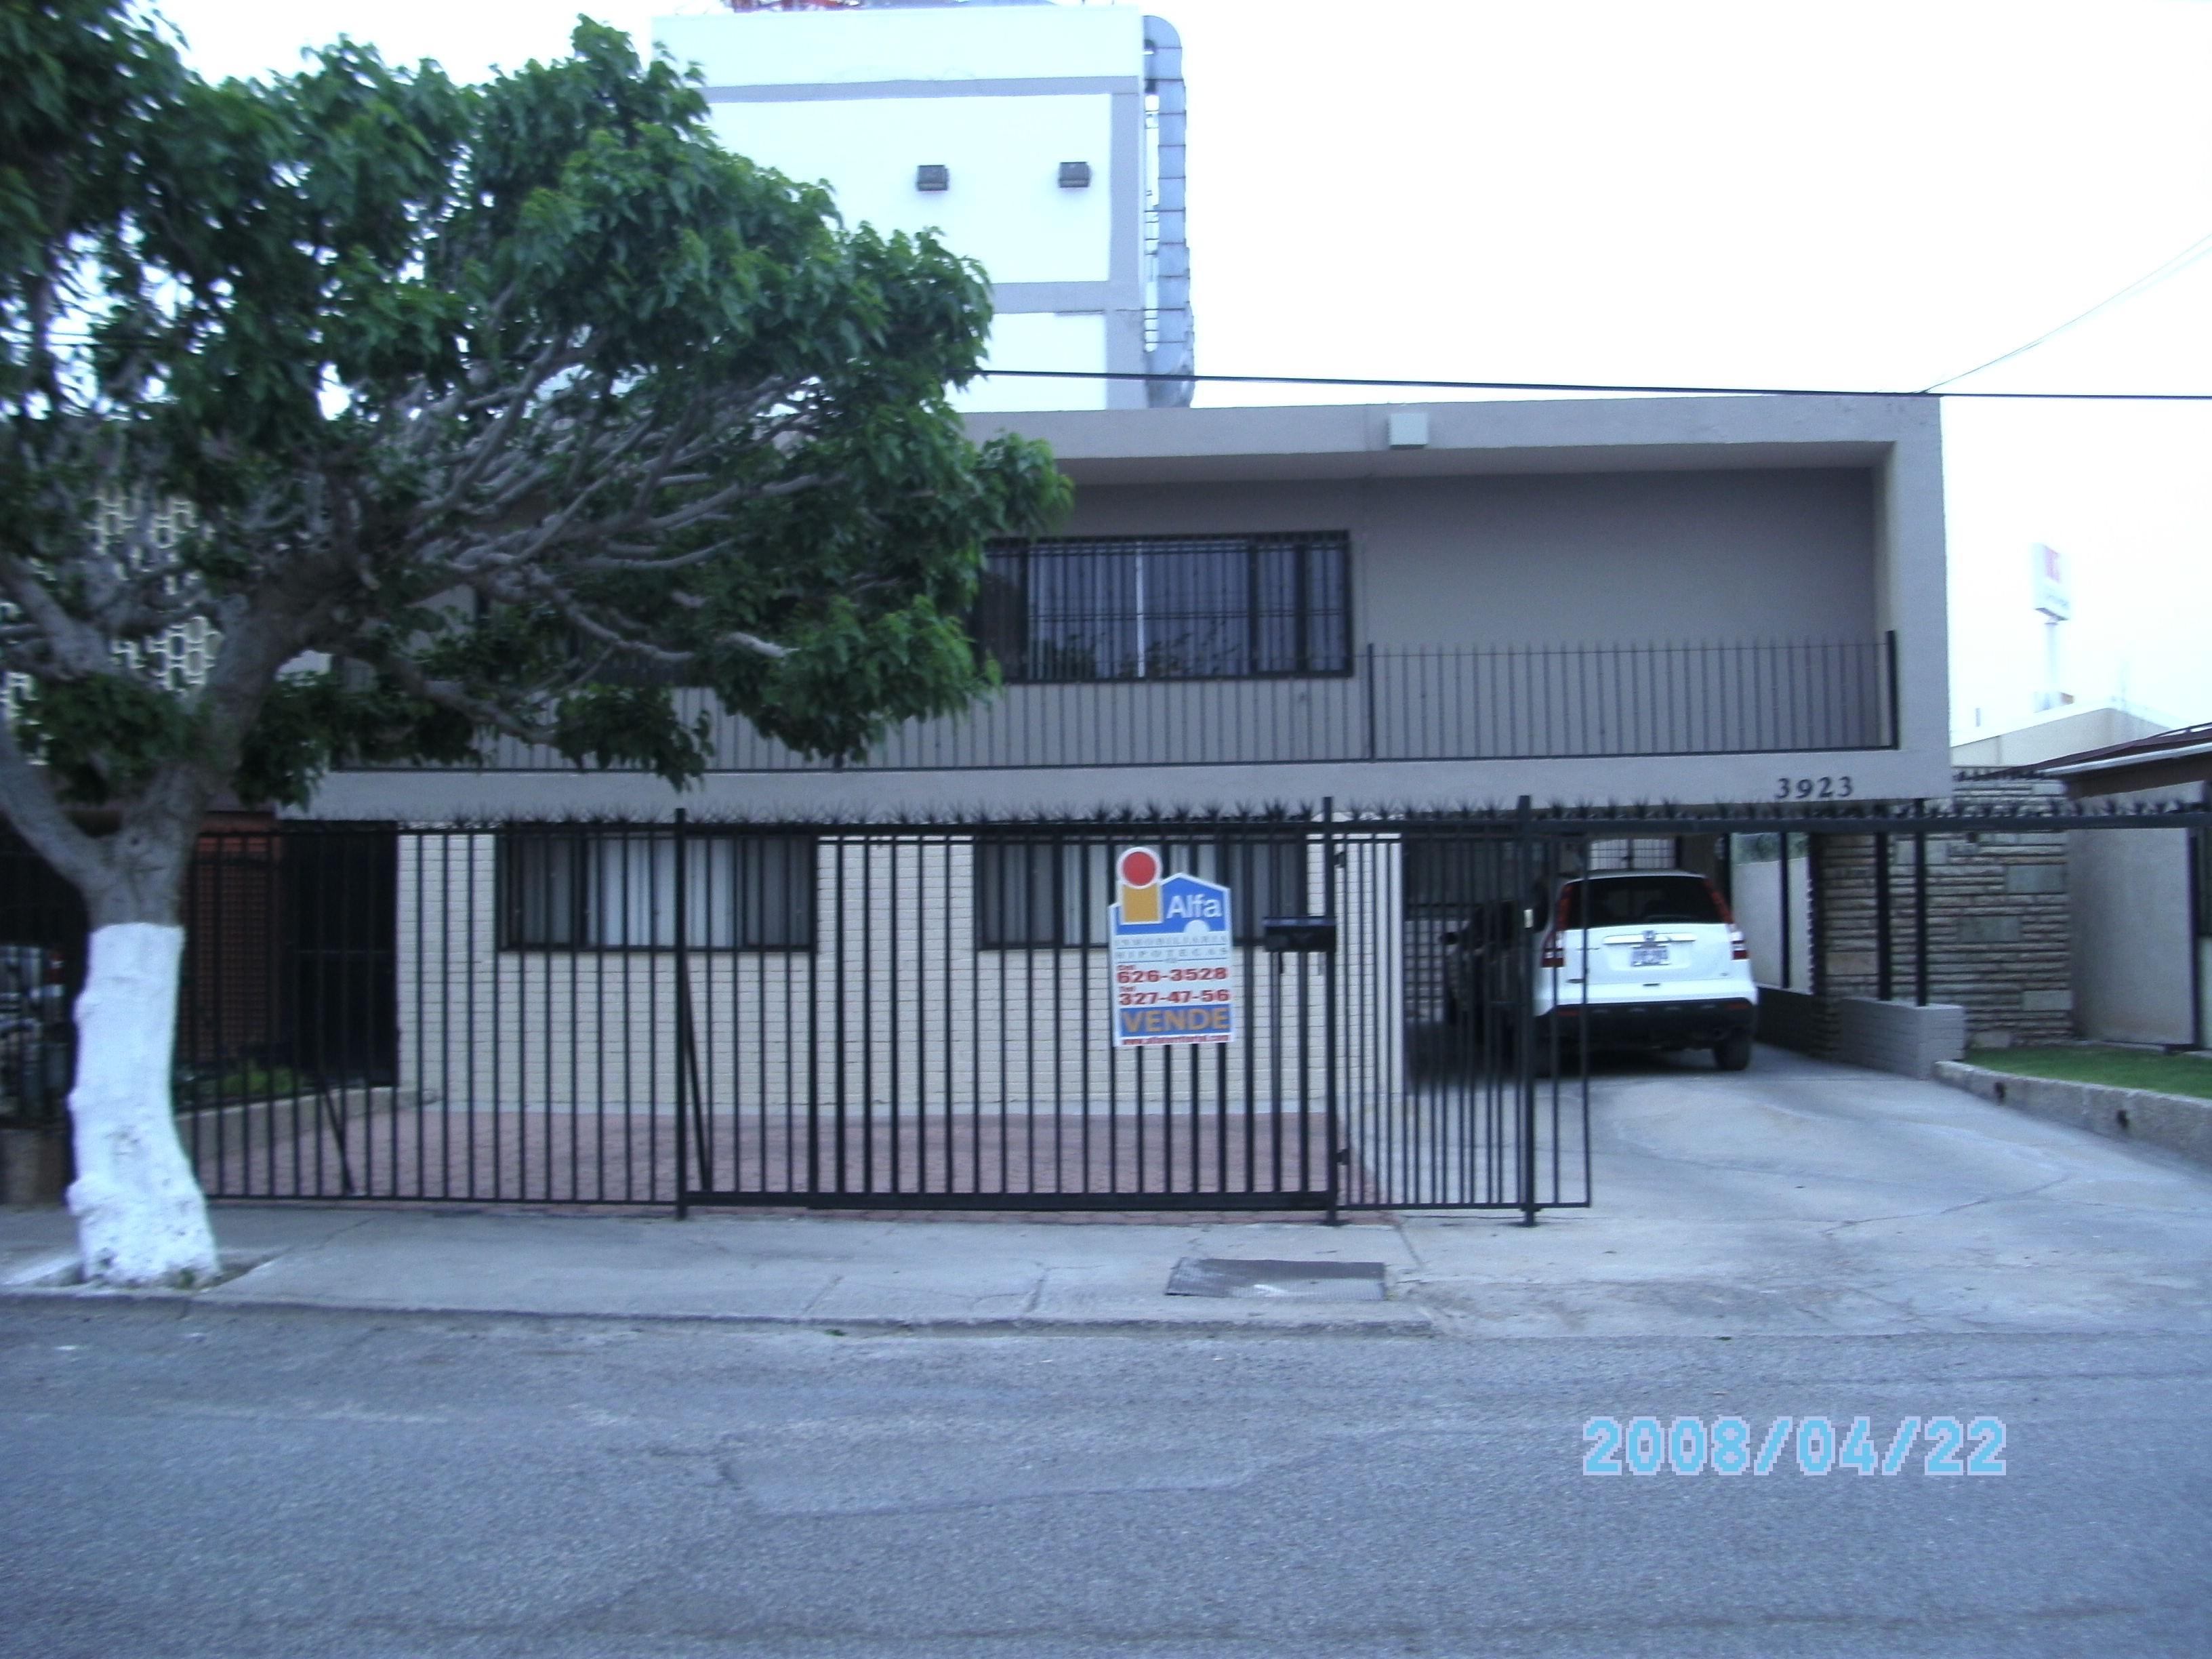 Casa en venta en los nogales juarez 22064 hab tala for Renta de casas en chihuahua